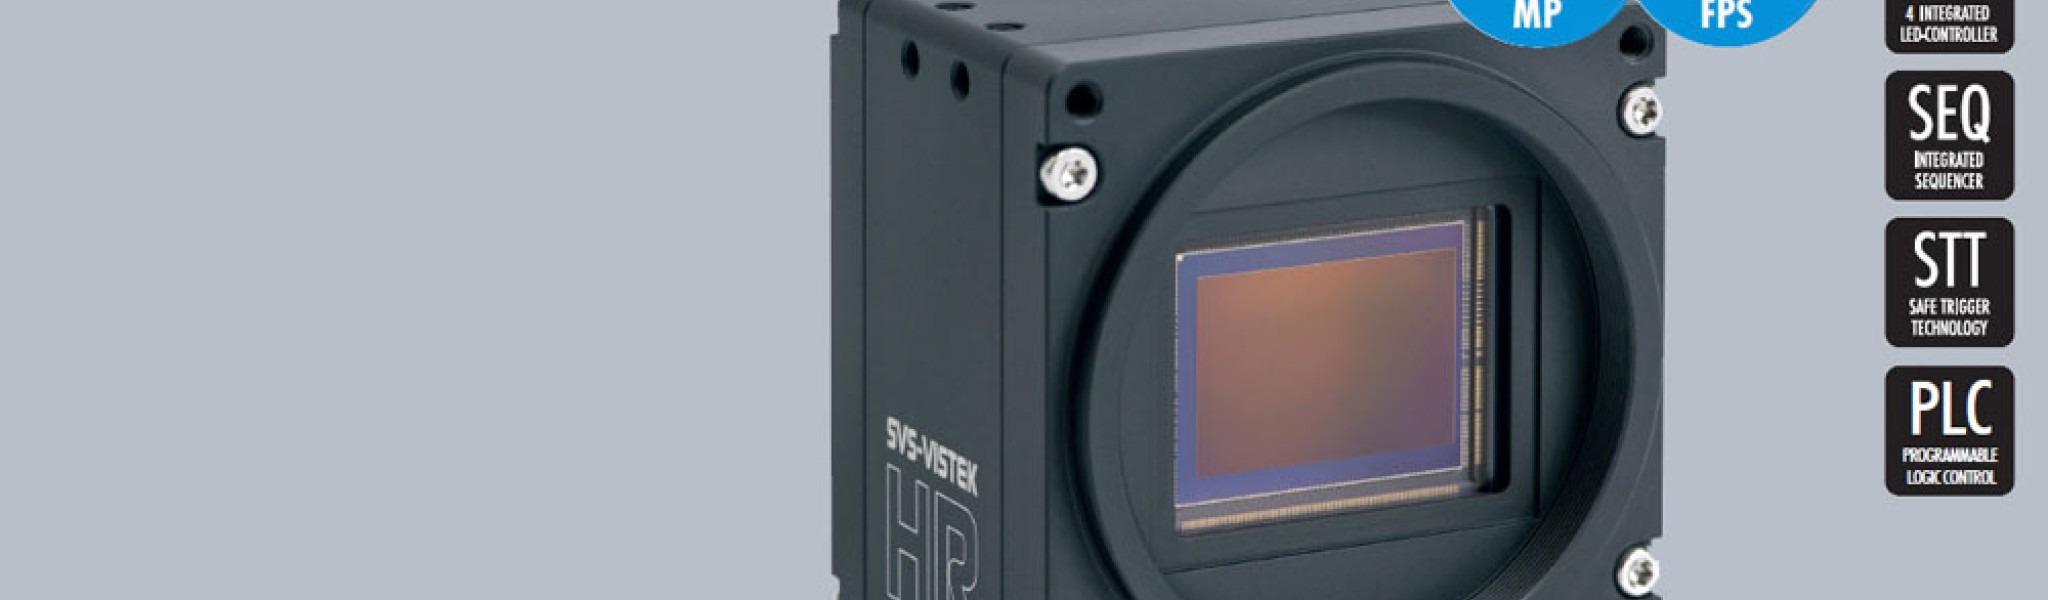 120MP 6.7 FPS Cameralink SVS-Vistek Camera